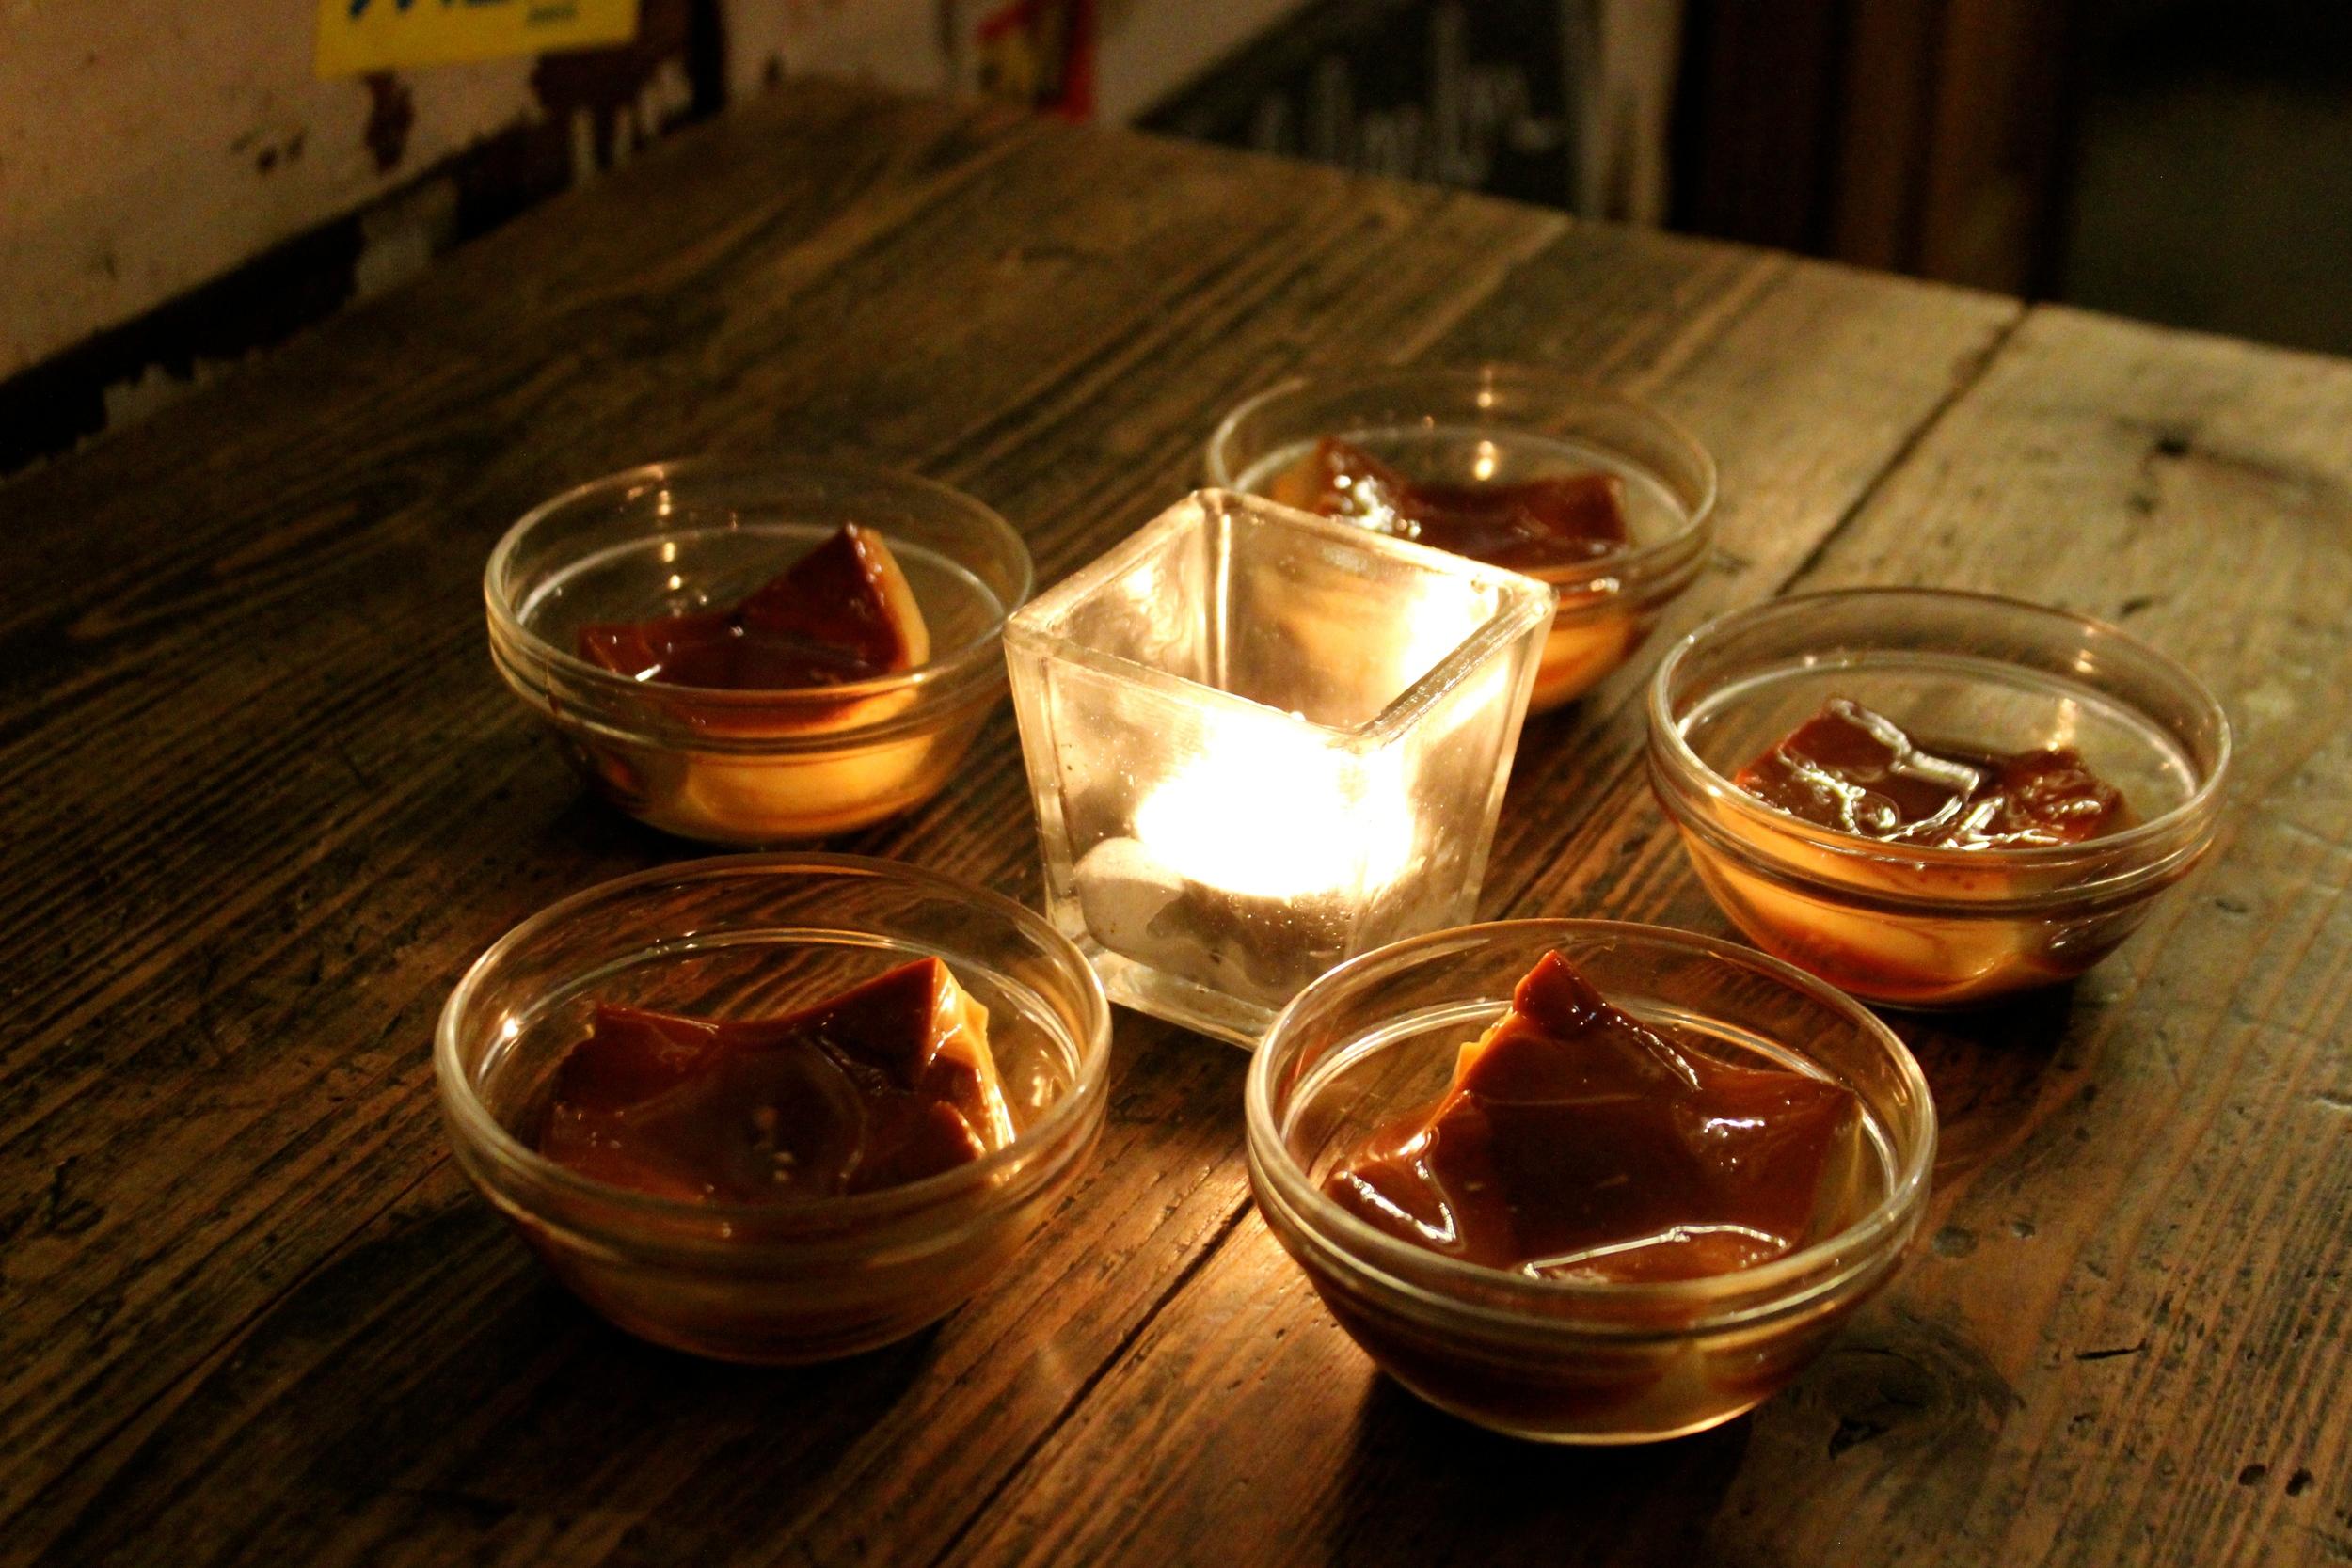 Home-made pudding